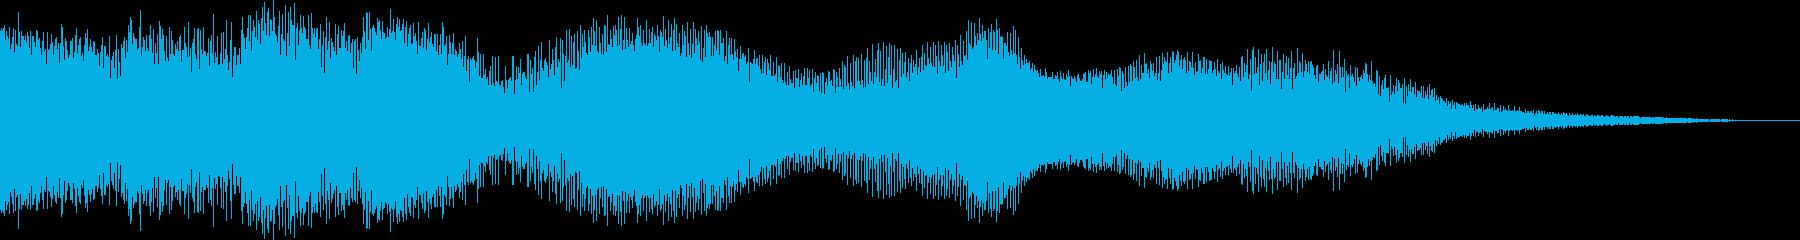 オープニング用サウンドロゴ26の再生済みの波形